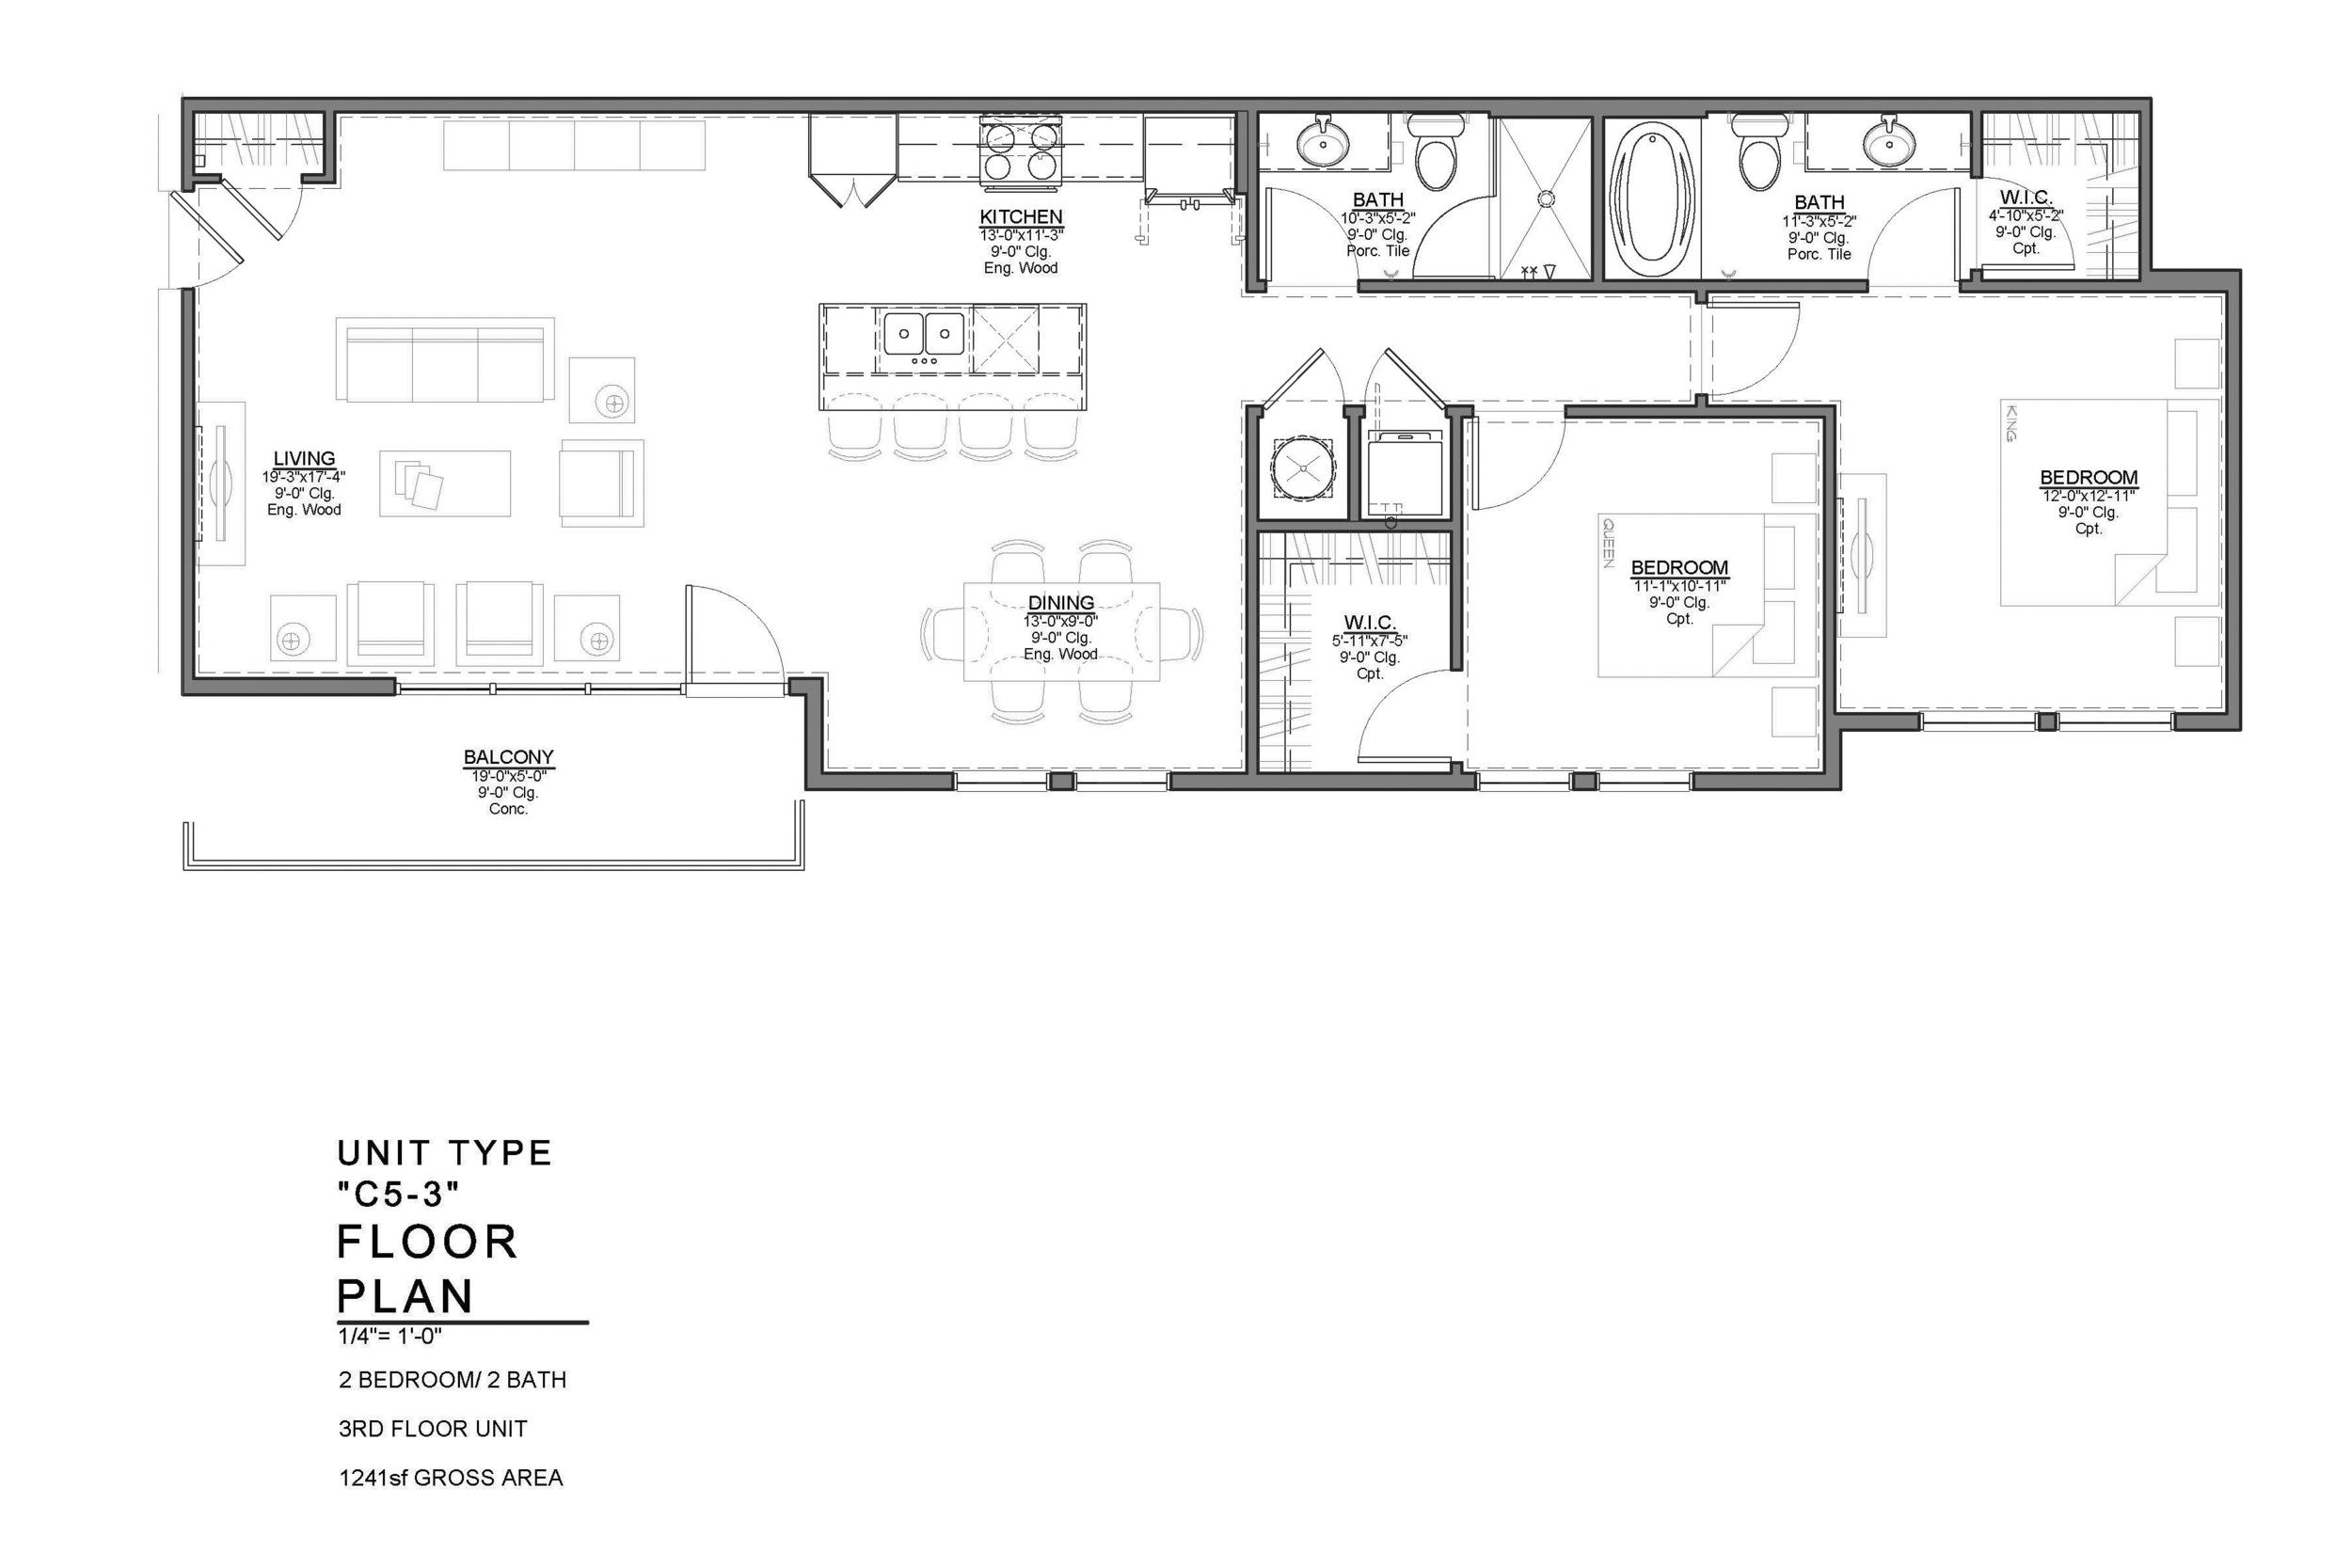 C5-3 FLOOR PLAN: 2 BEDROOM / 2 BATH